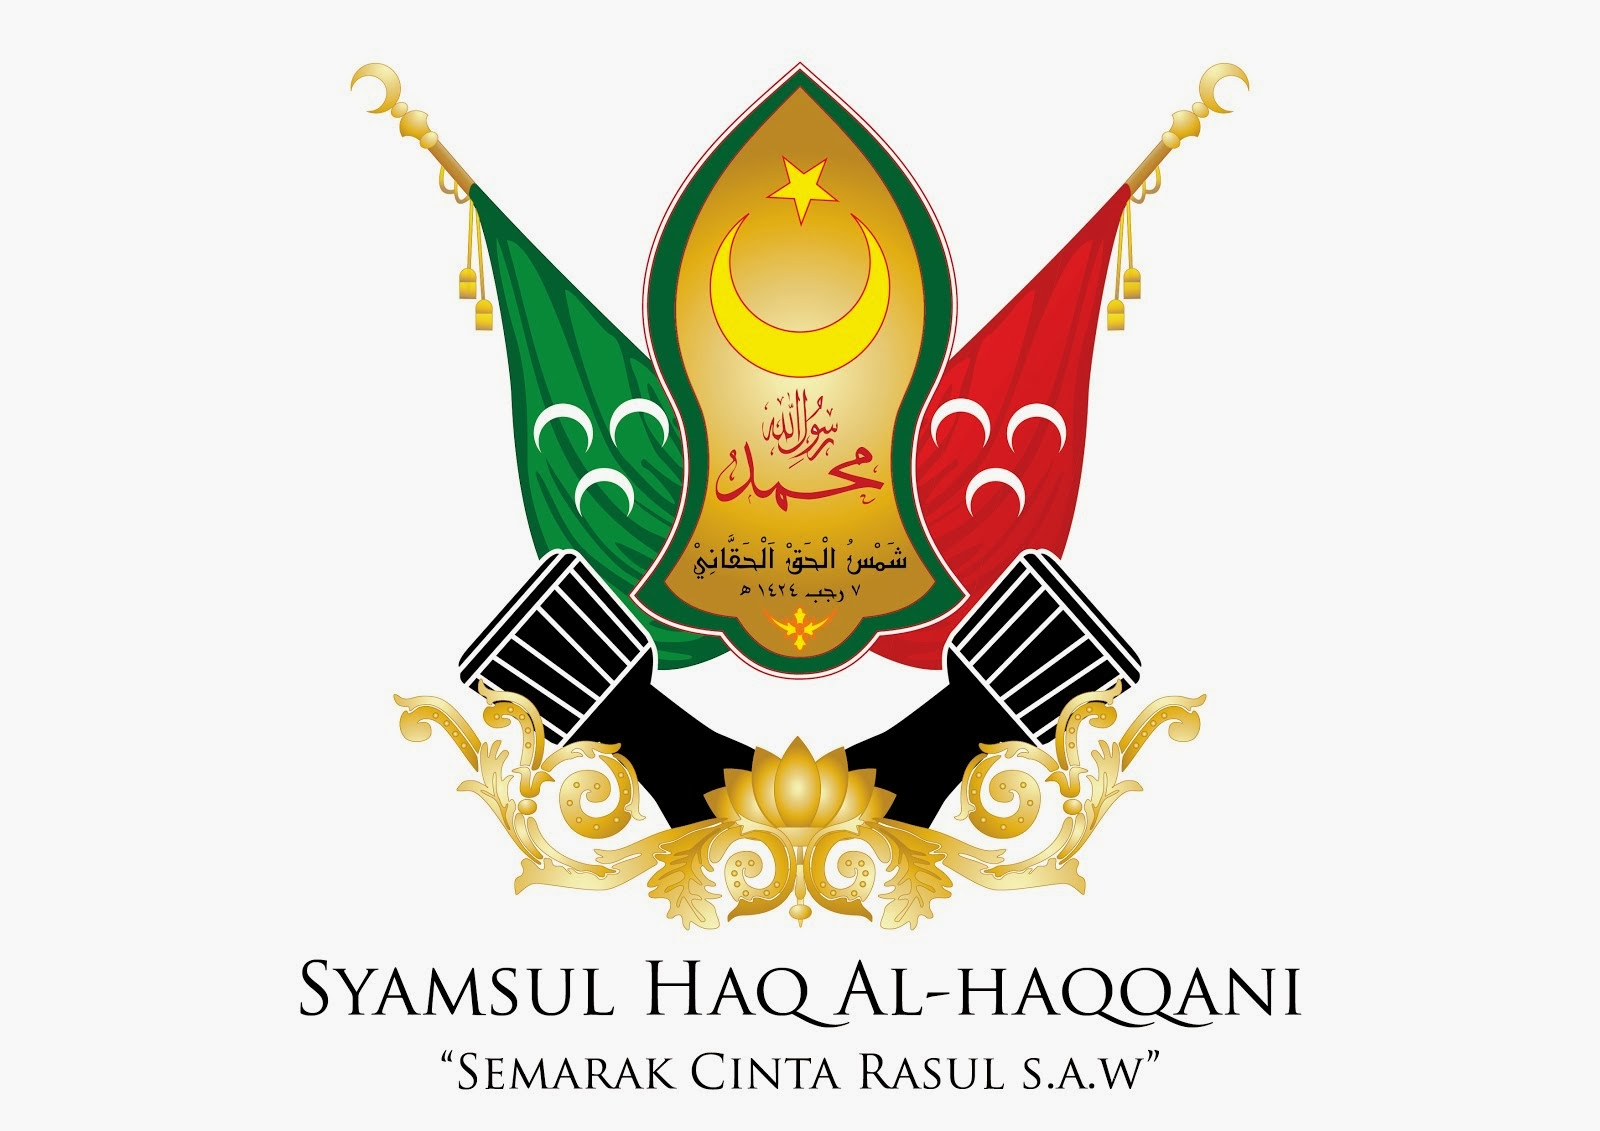 LOGO RASMI SYAMSUL HAQ AL-HAQQANI